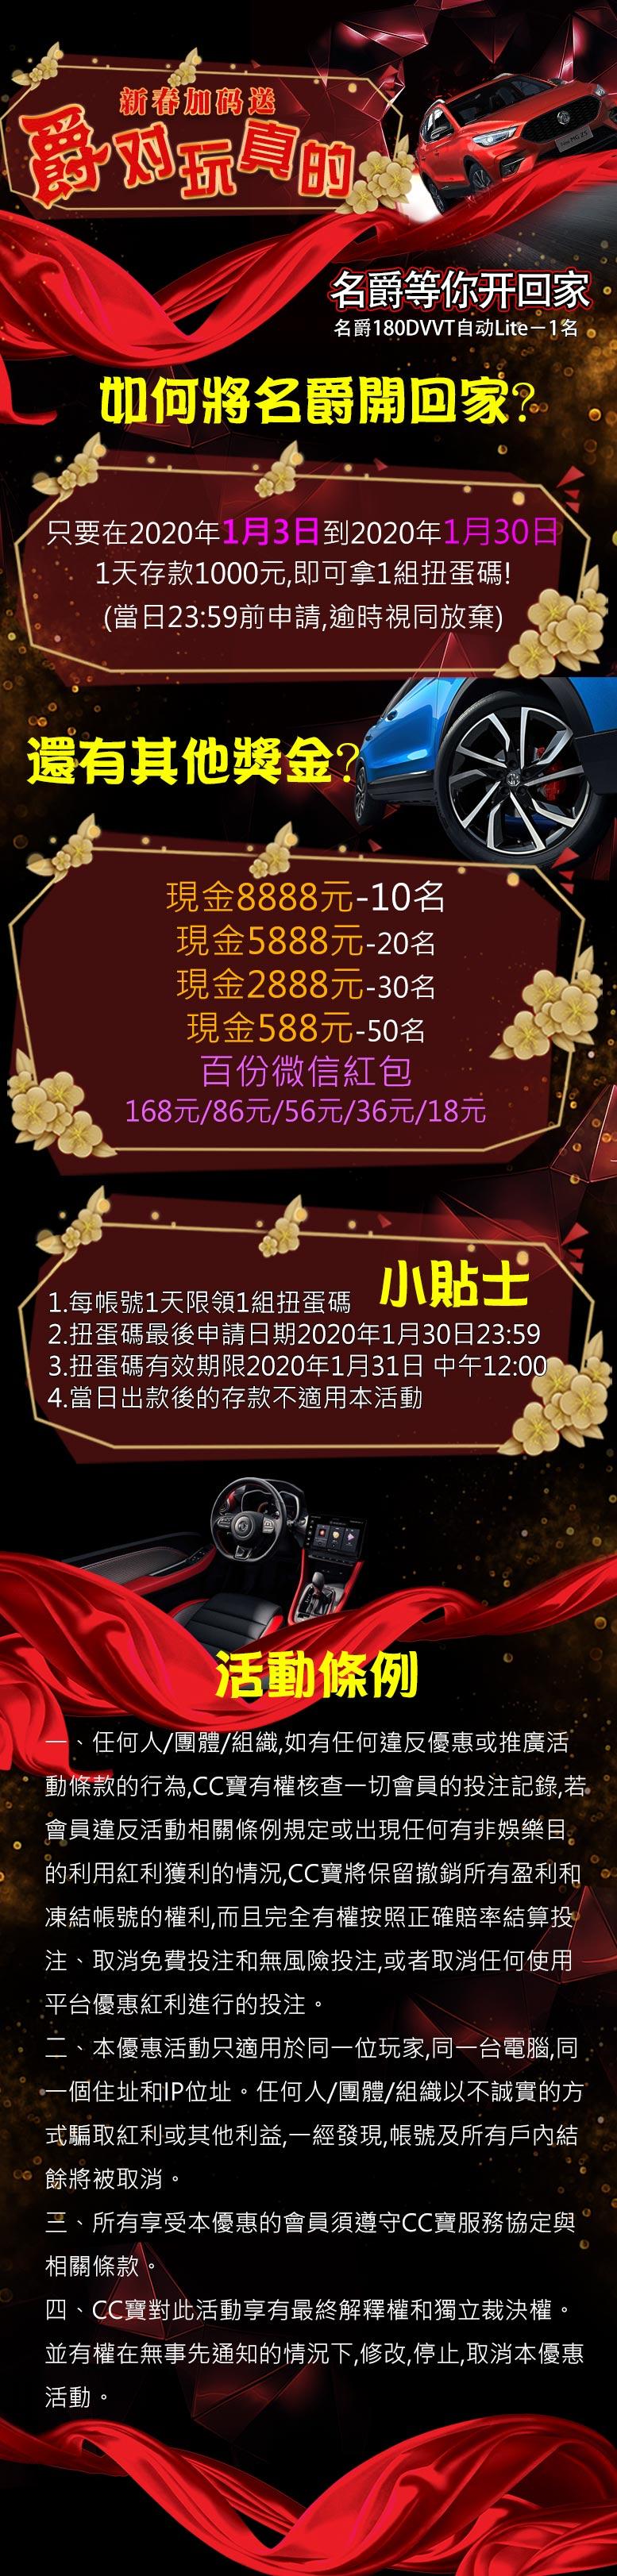 cc宝 cc宝集团 送钱 过年 鼠年 送车 送尊爵 彩票 北京赛车 11选5 六合彩 攻略 公式 内部数据